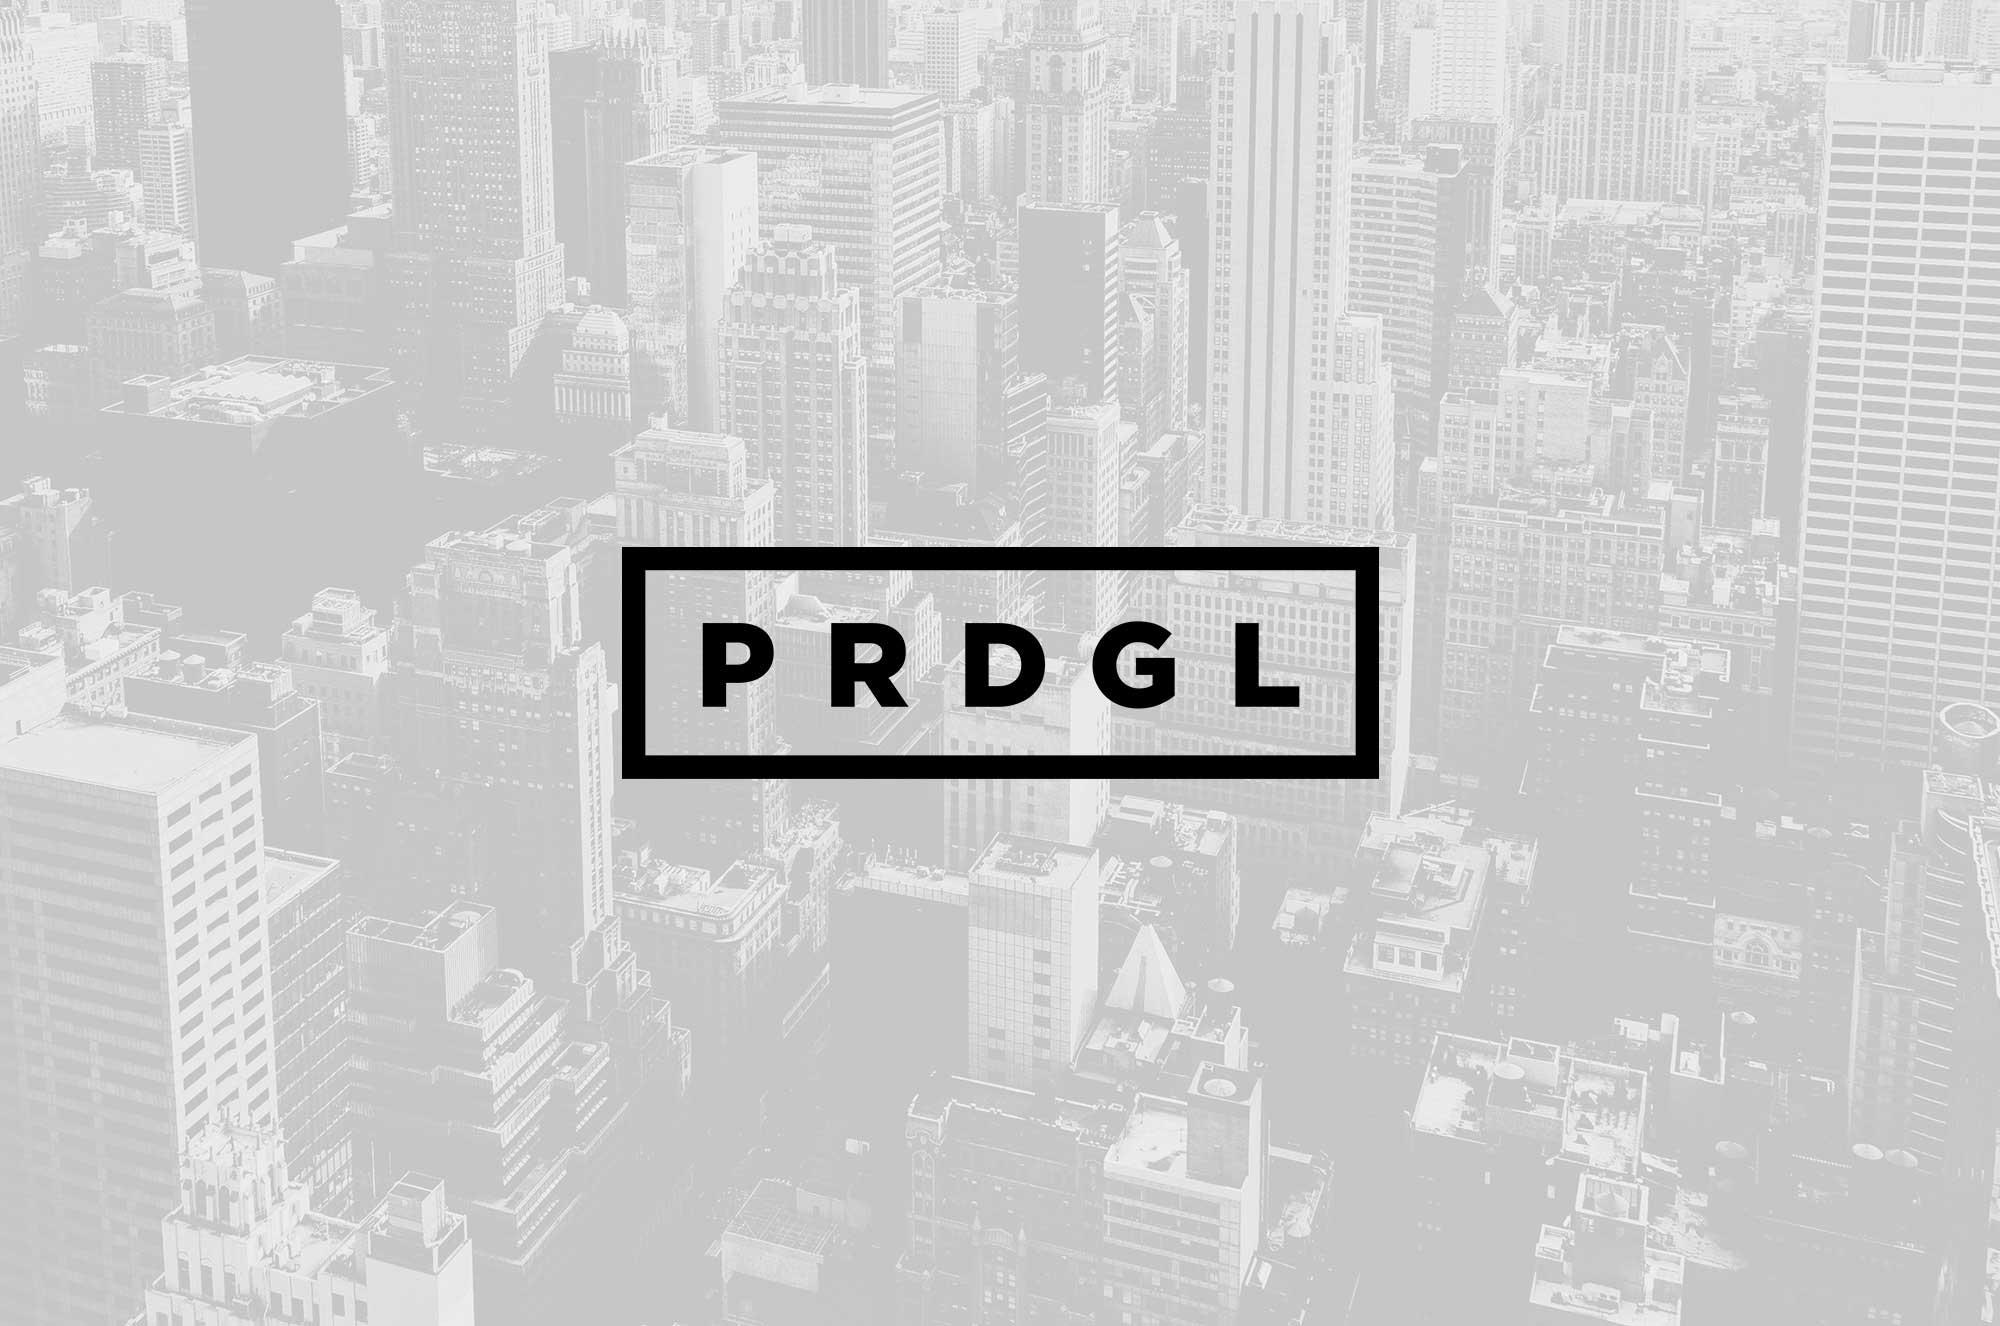 Prodigal3-1.jpg